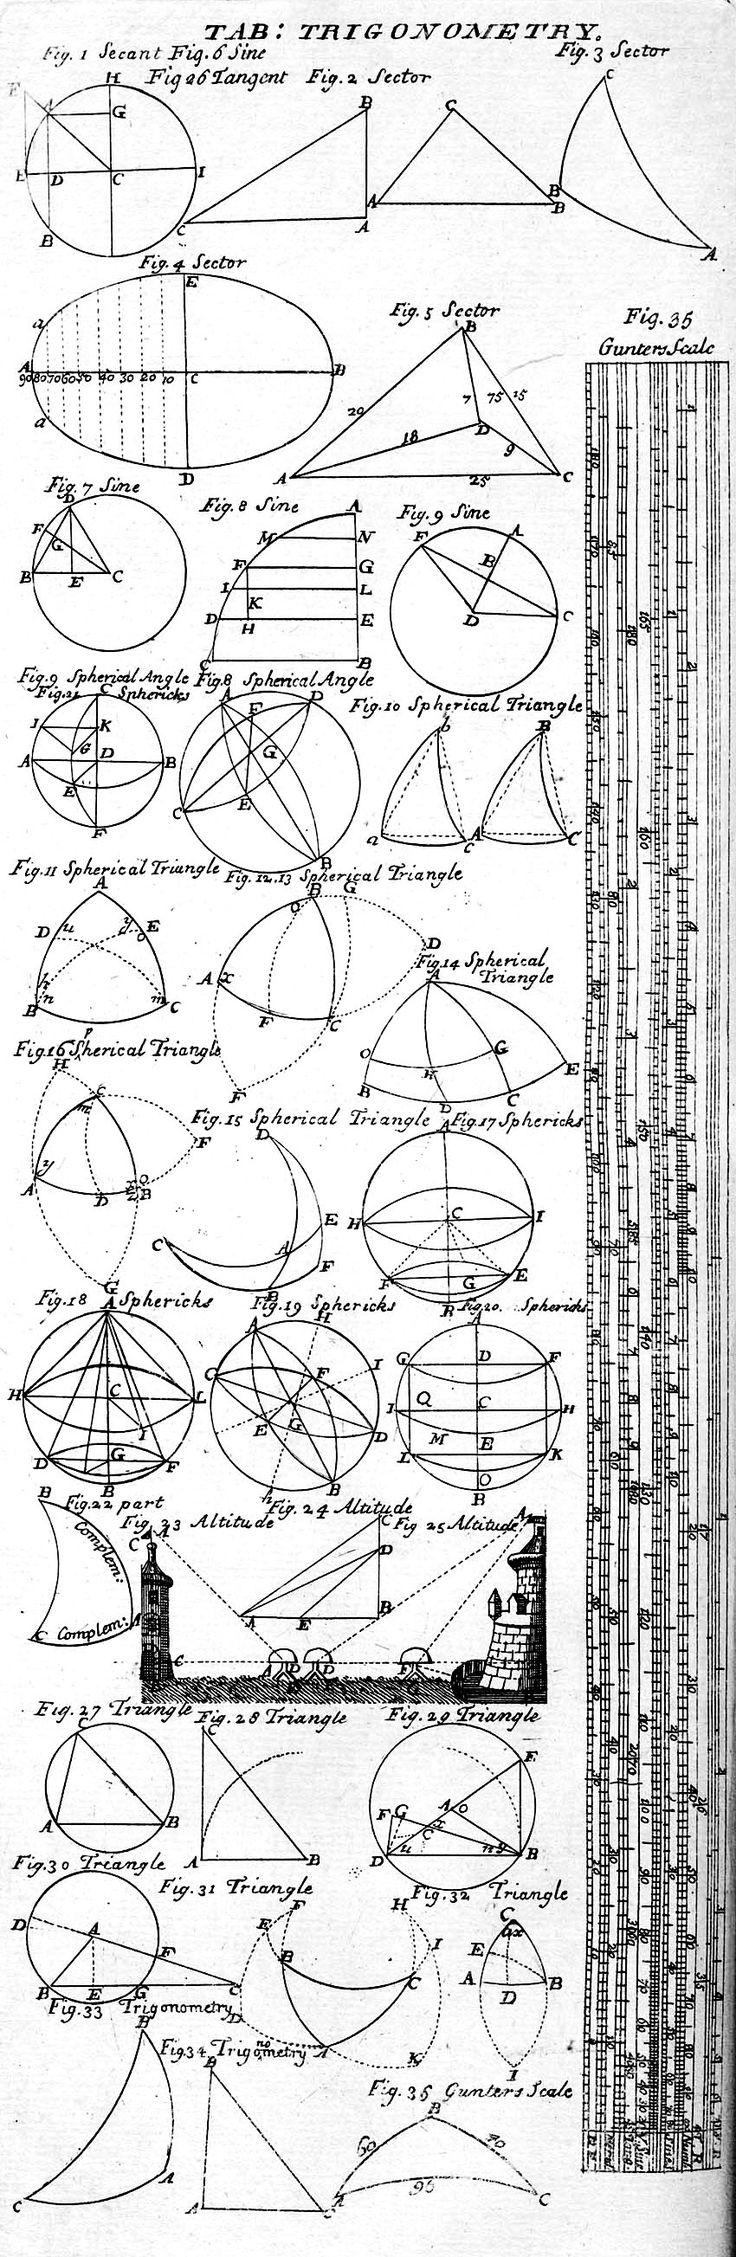 Tabla trigonométrica de 1728 con escala Gunter